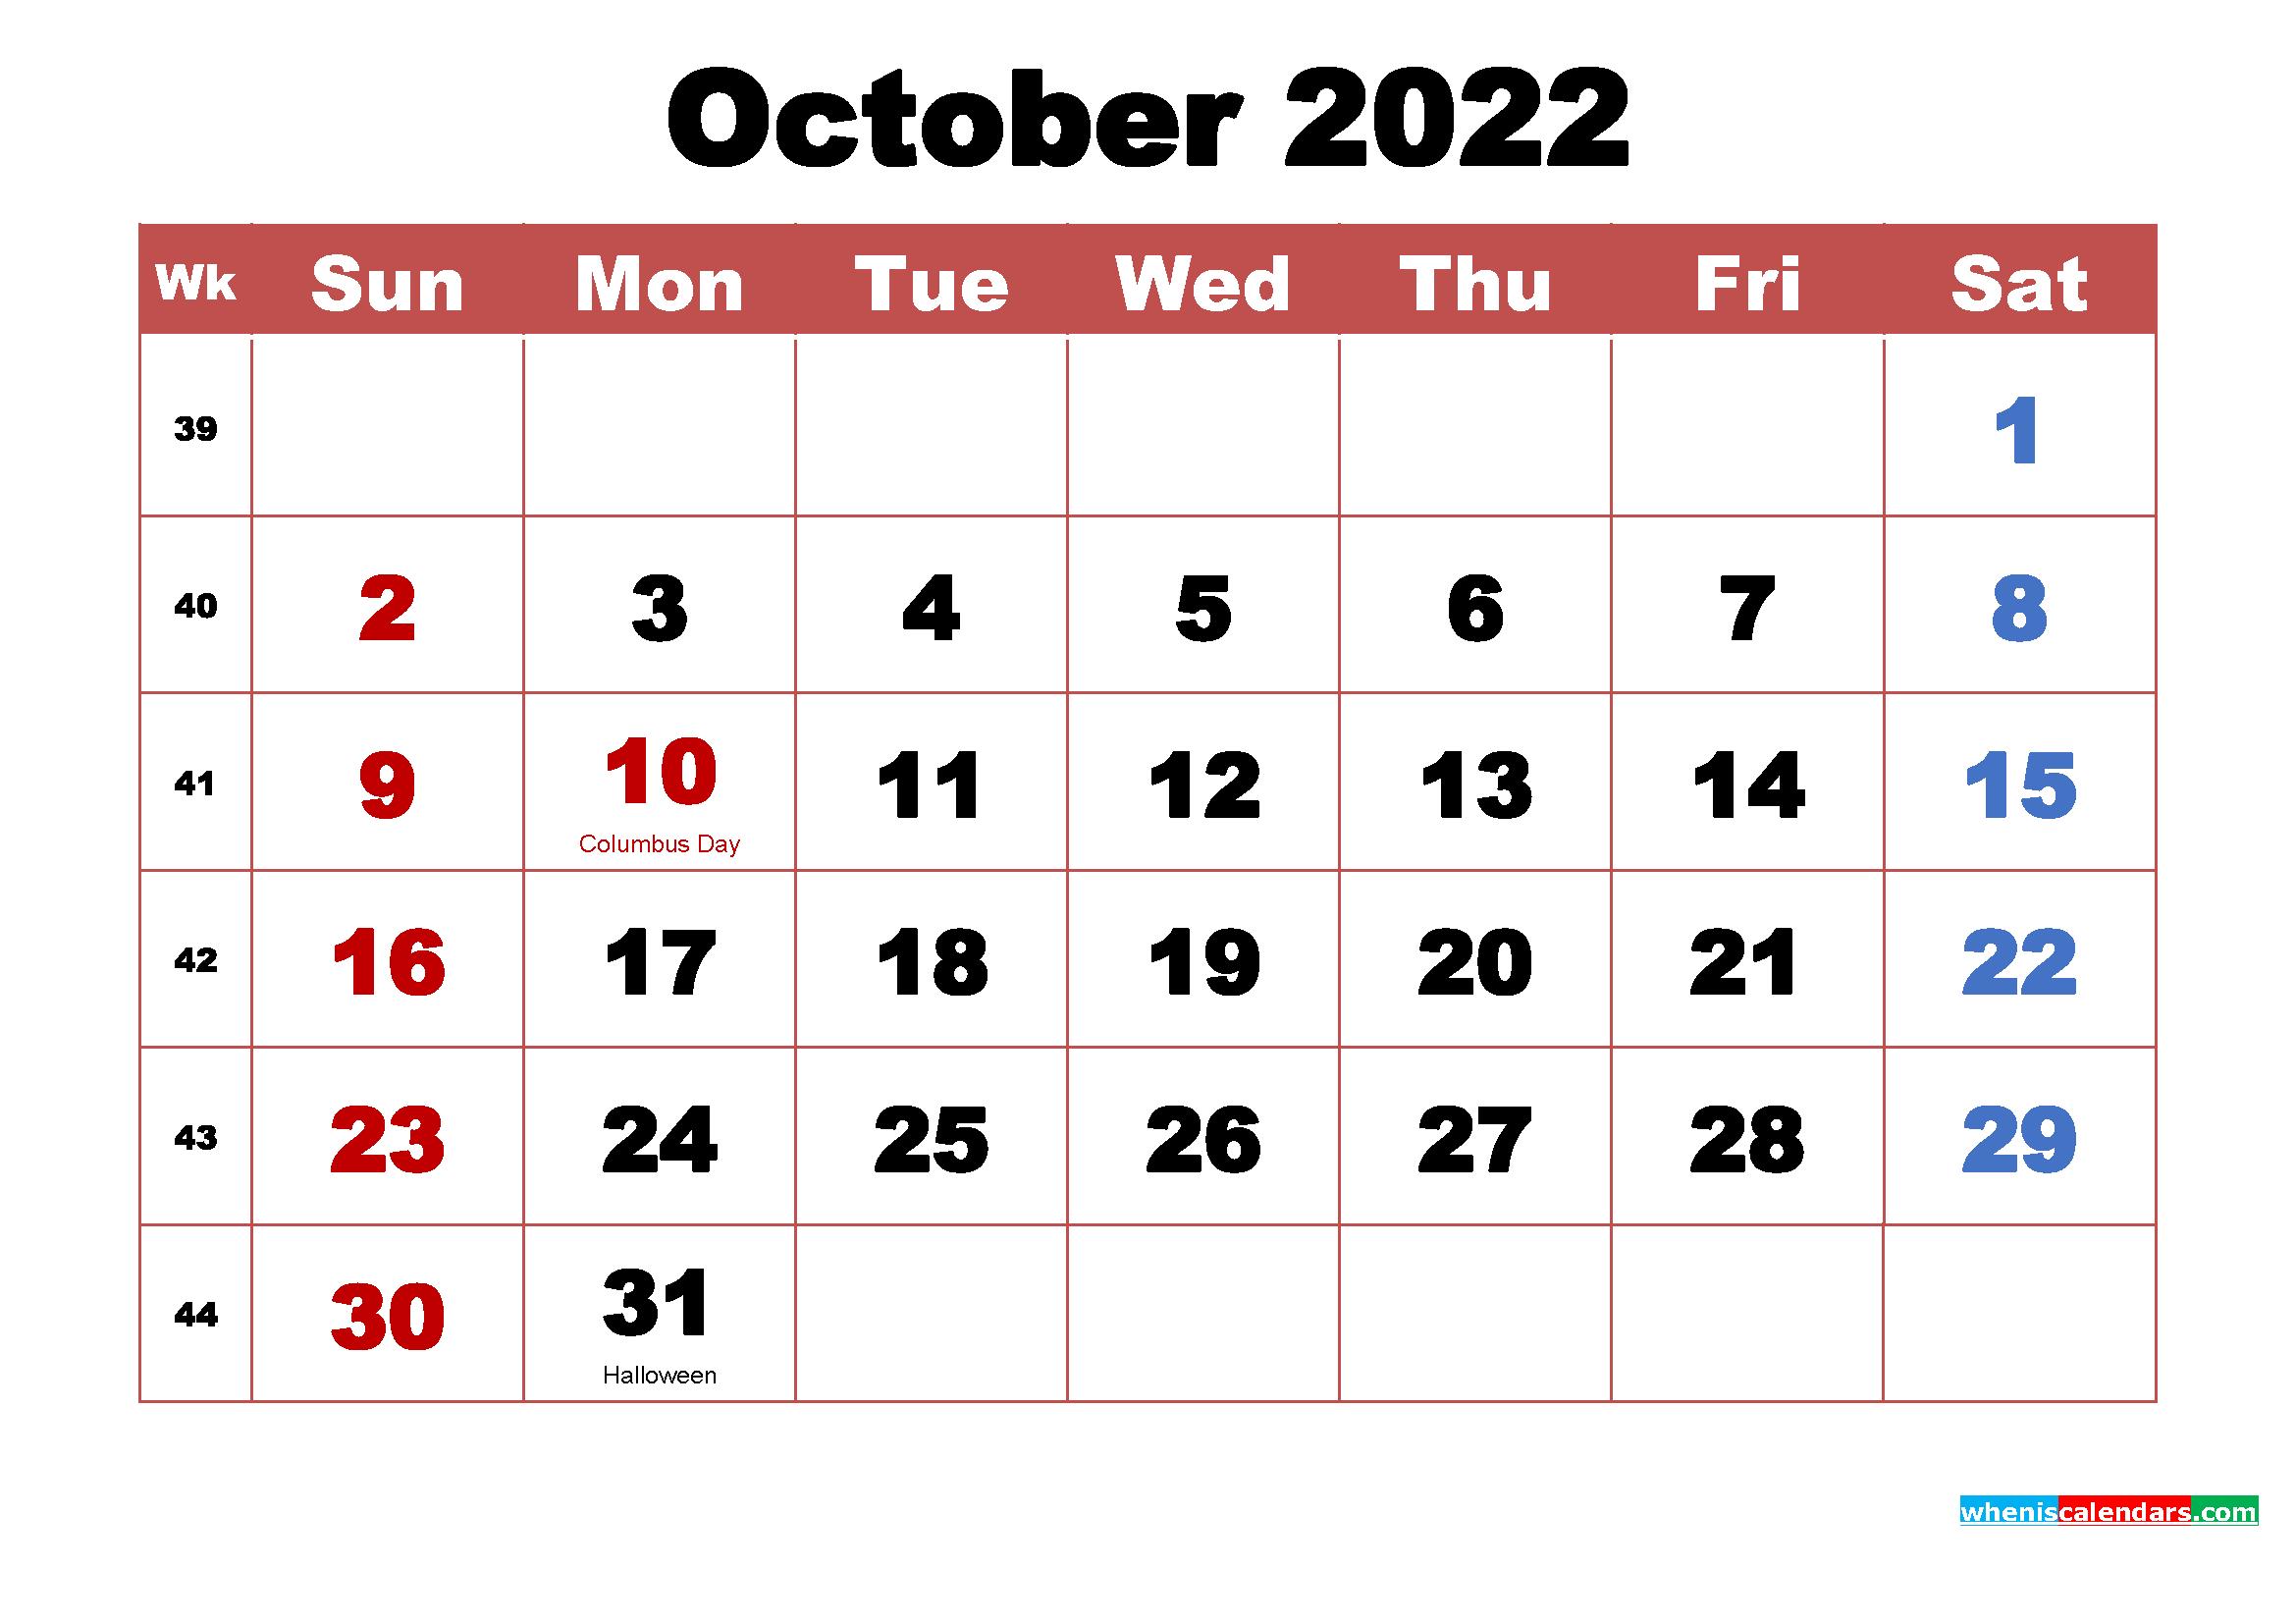 October 2022 Calendar Wallpaper High Resolution 2339x1654